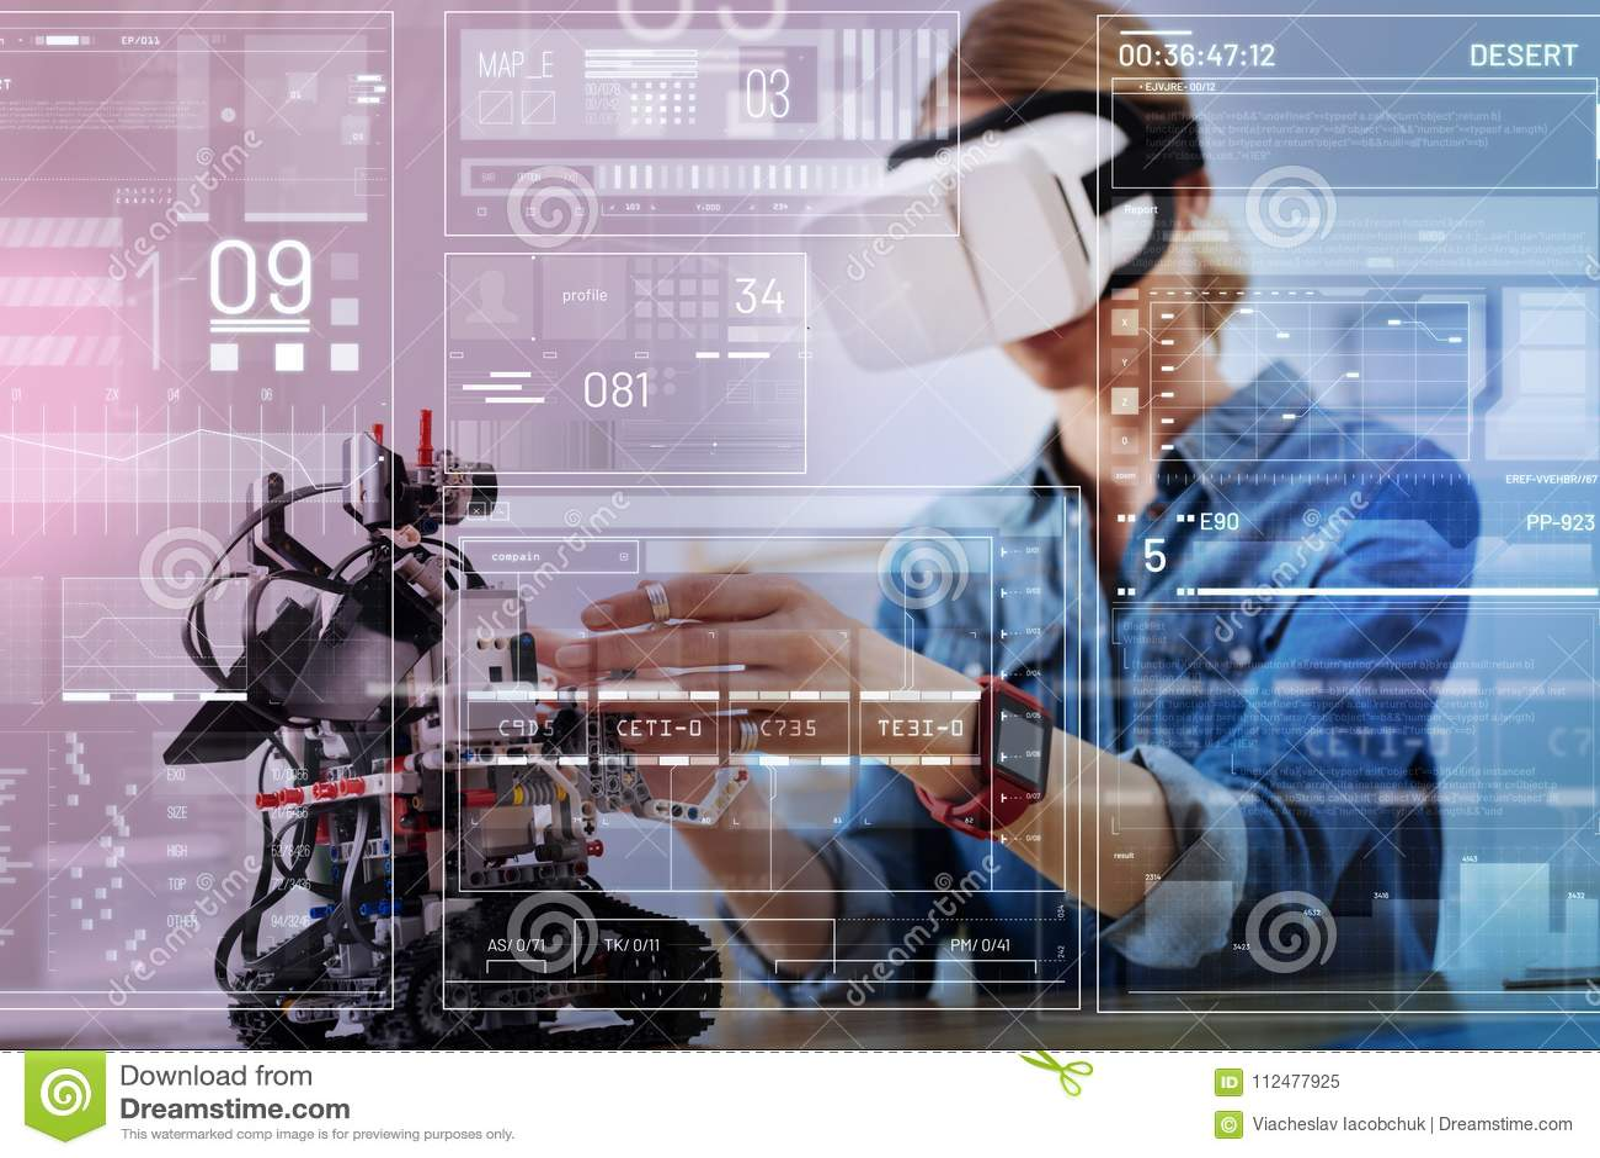 Vorsichtiger Ingenieur, der einen Roboter beim Sein in den Gläsern der virtuellen Realität berührt